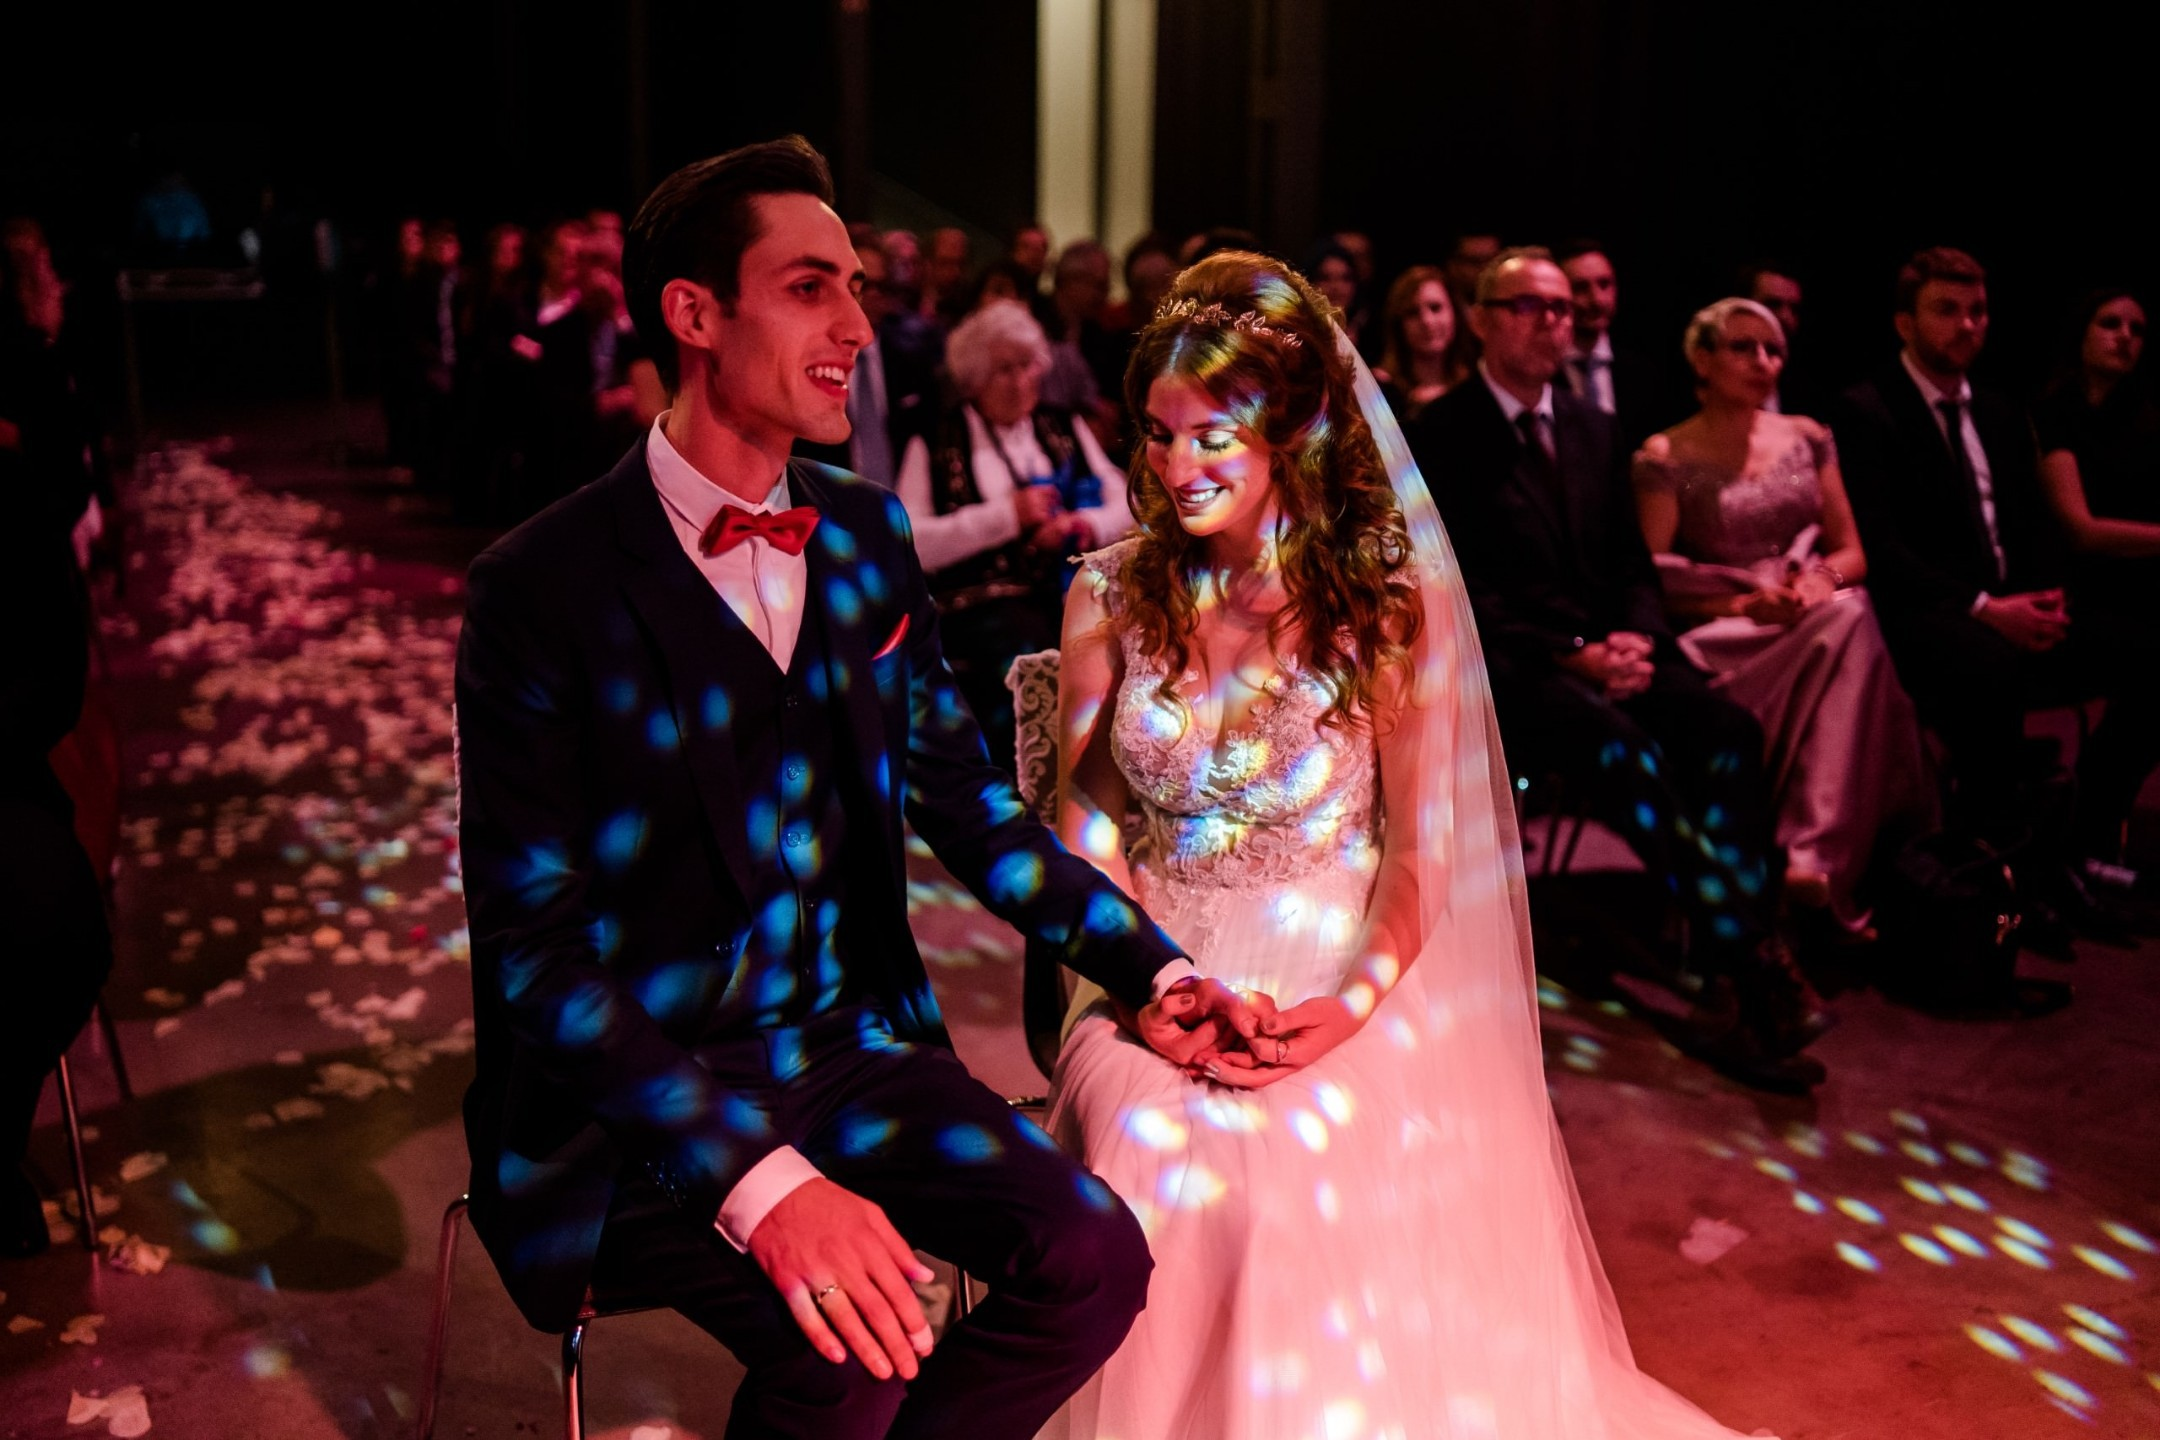 Aida + Tim | Hochzeitsfotografen am Bodensee Weingut-Hochzeit in Deutschland  - Hochzeitsfotografie von Aida und Tim